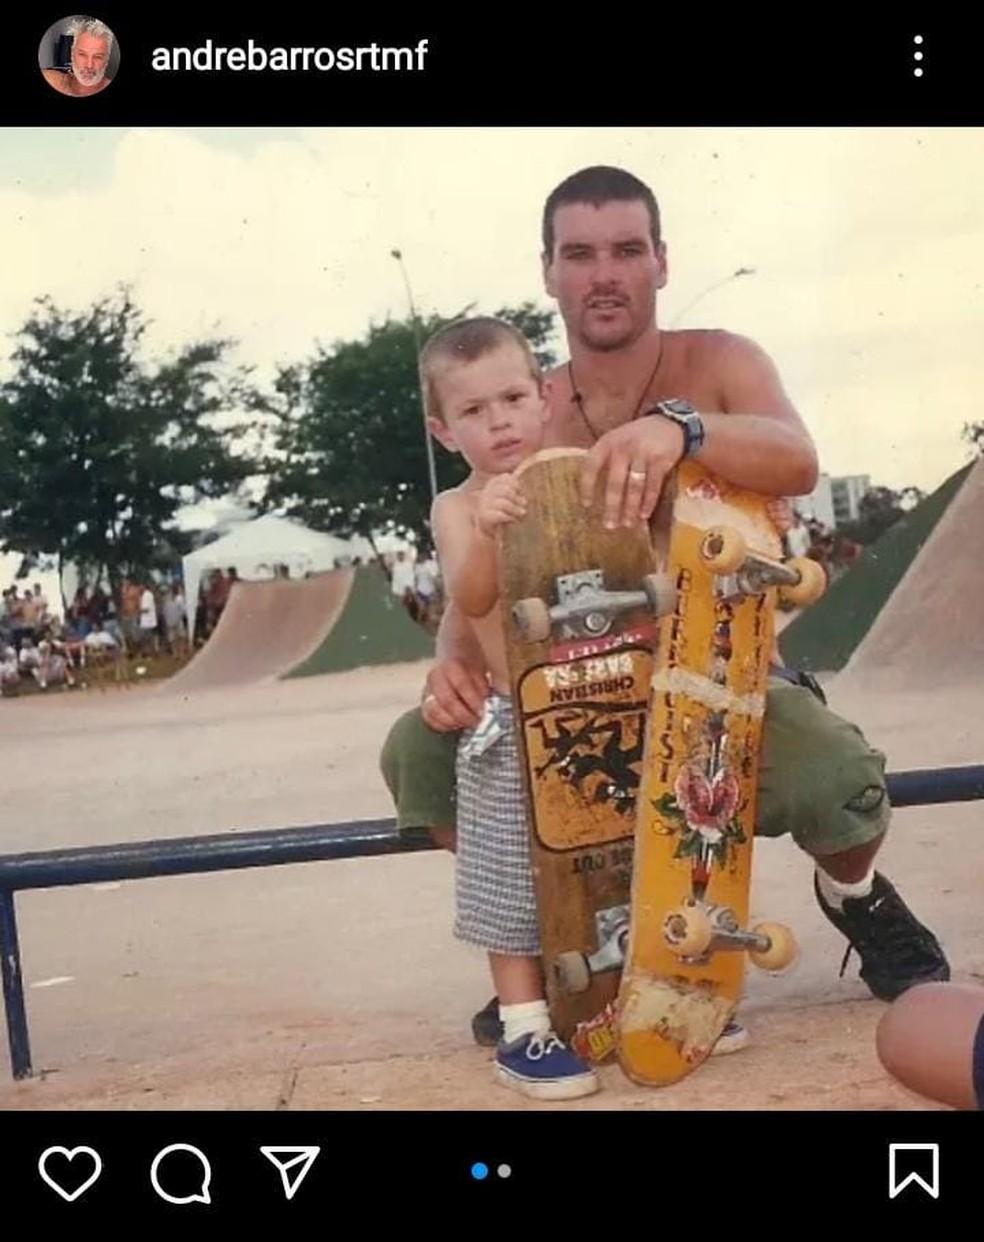 Foto publicada em rede social mostra Pedro Barros e o pai juntos em uma pista de skate — Foto: Reprodução/Redes Sociais